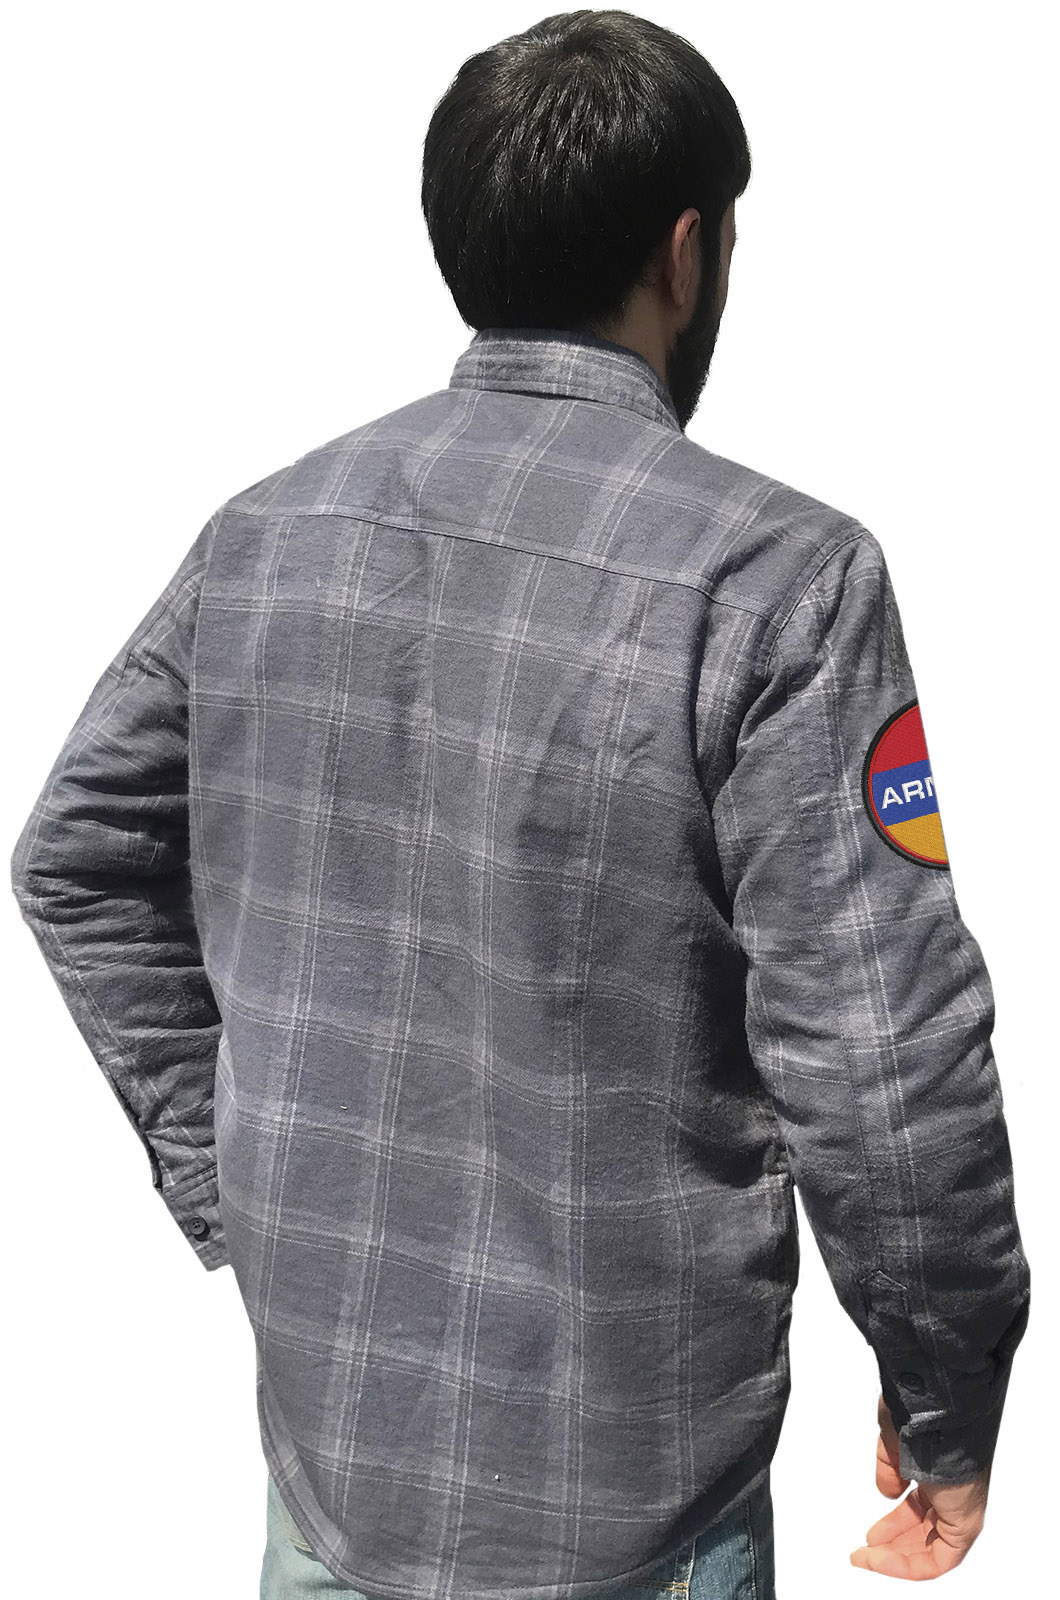 Купить строгую клетчатую рубашку с вышитым шевроном Армения по низкой цене